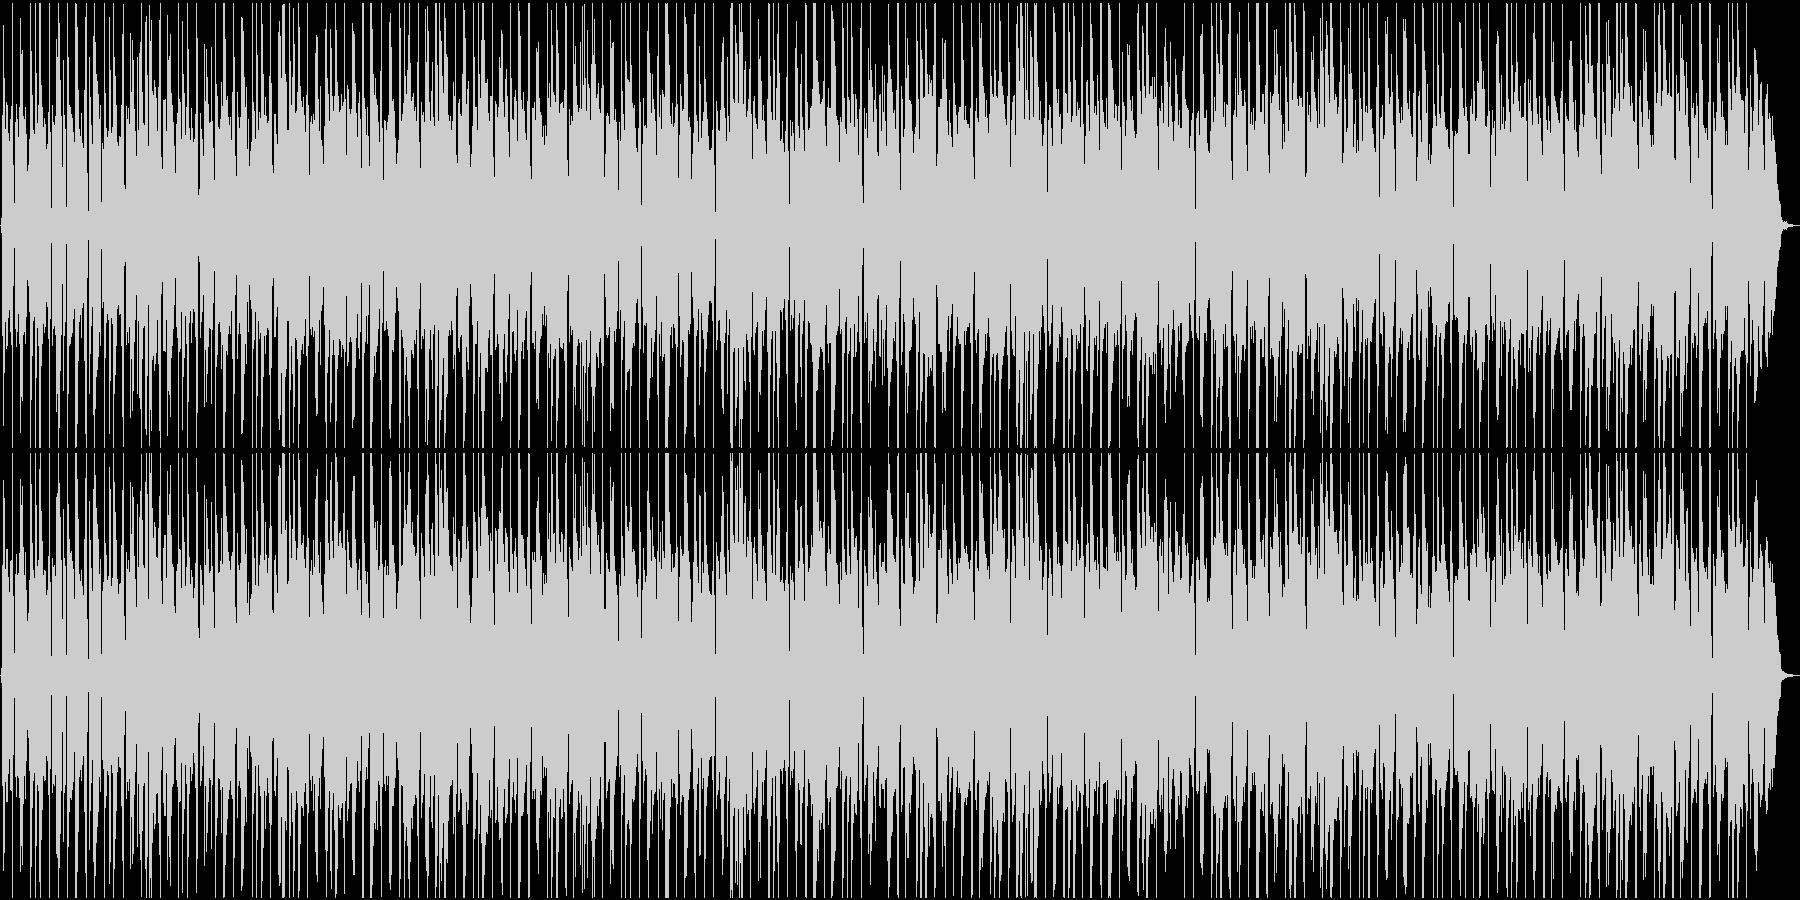 秋・冬・季節が移り変わるイメージ・チルの未再生の波形